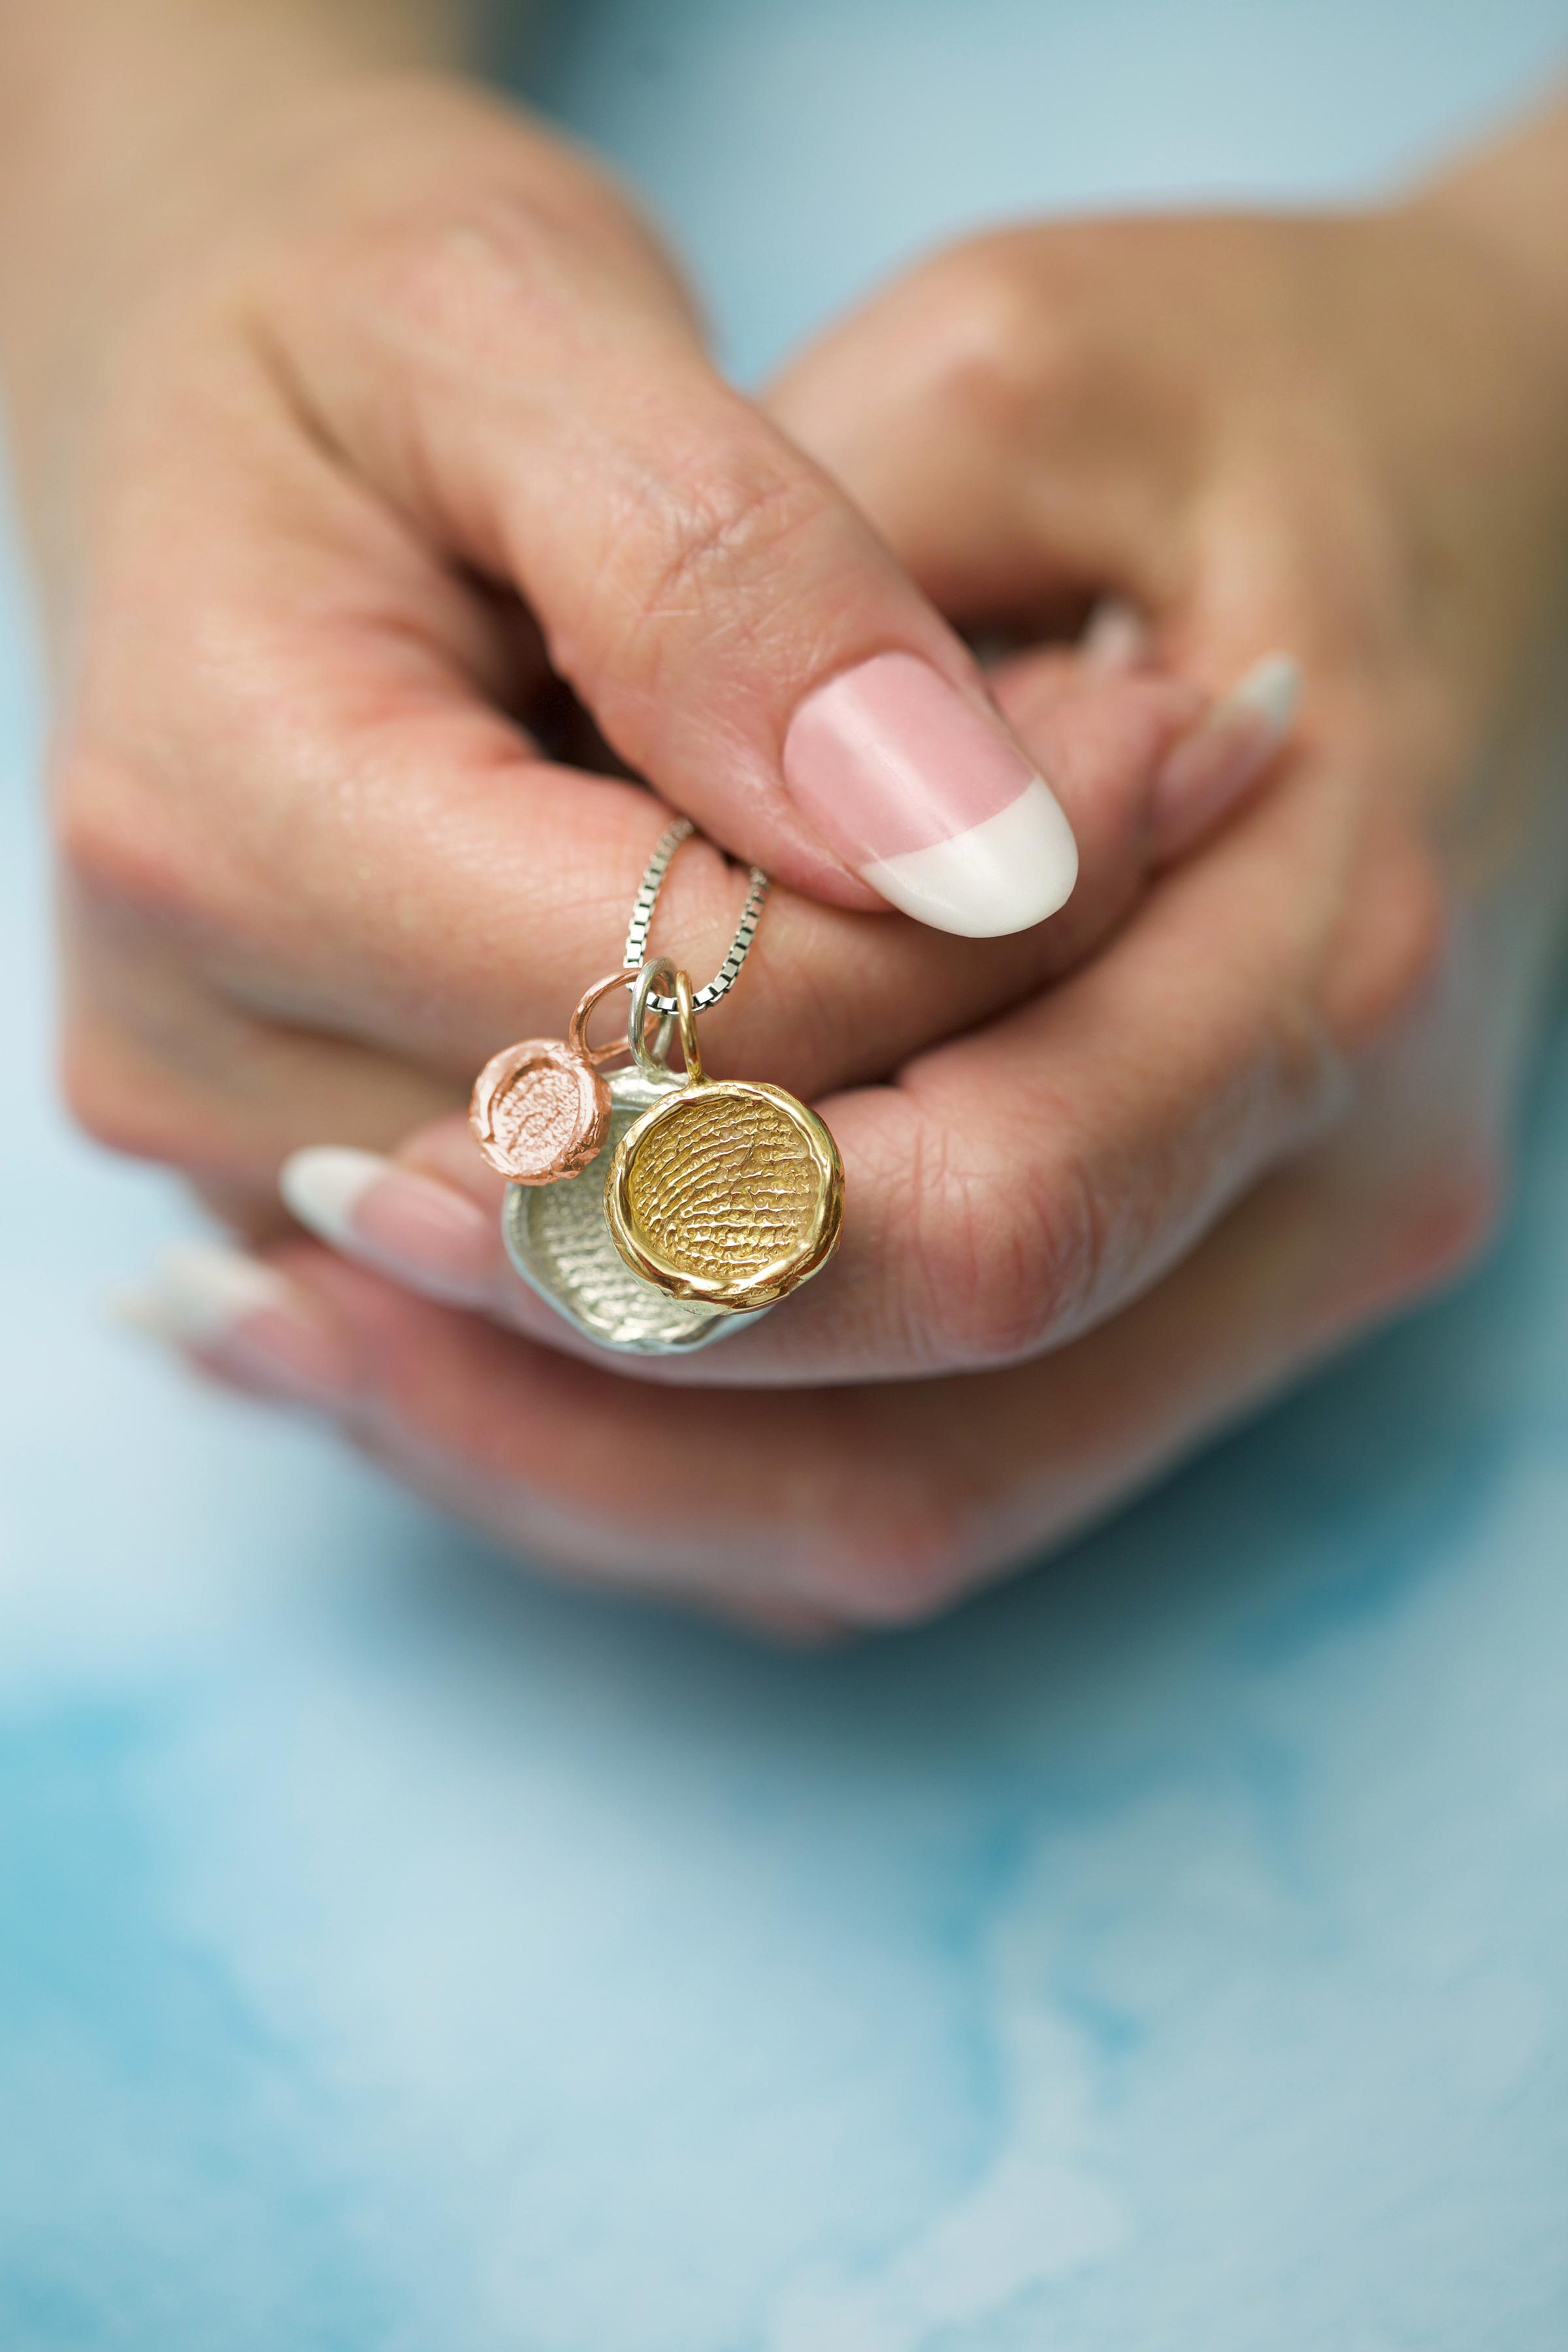 Thumbies pendants